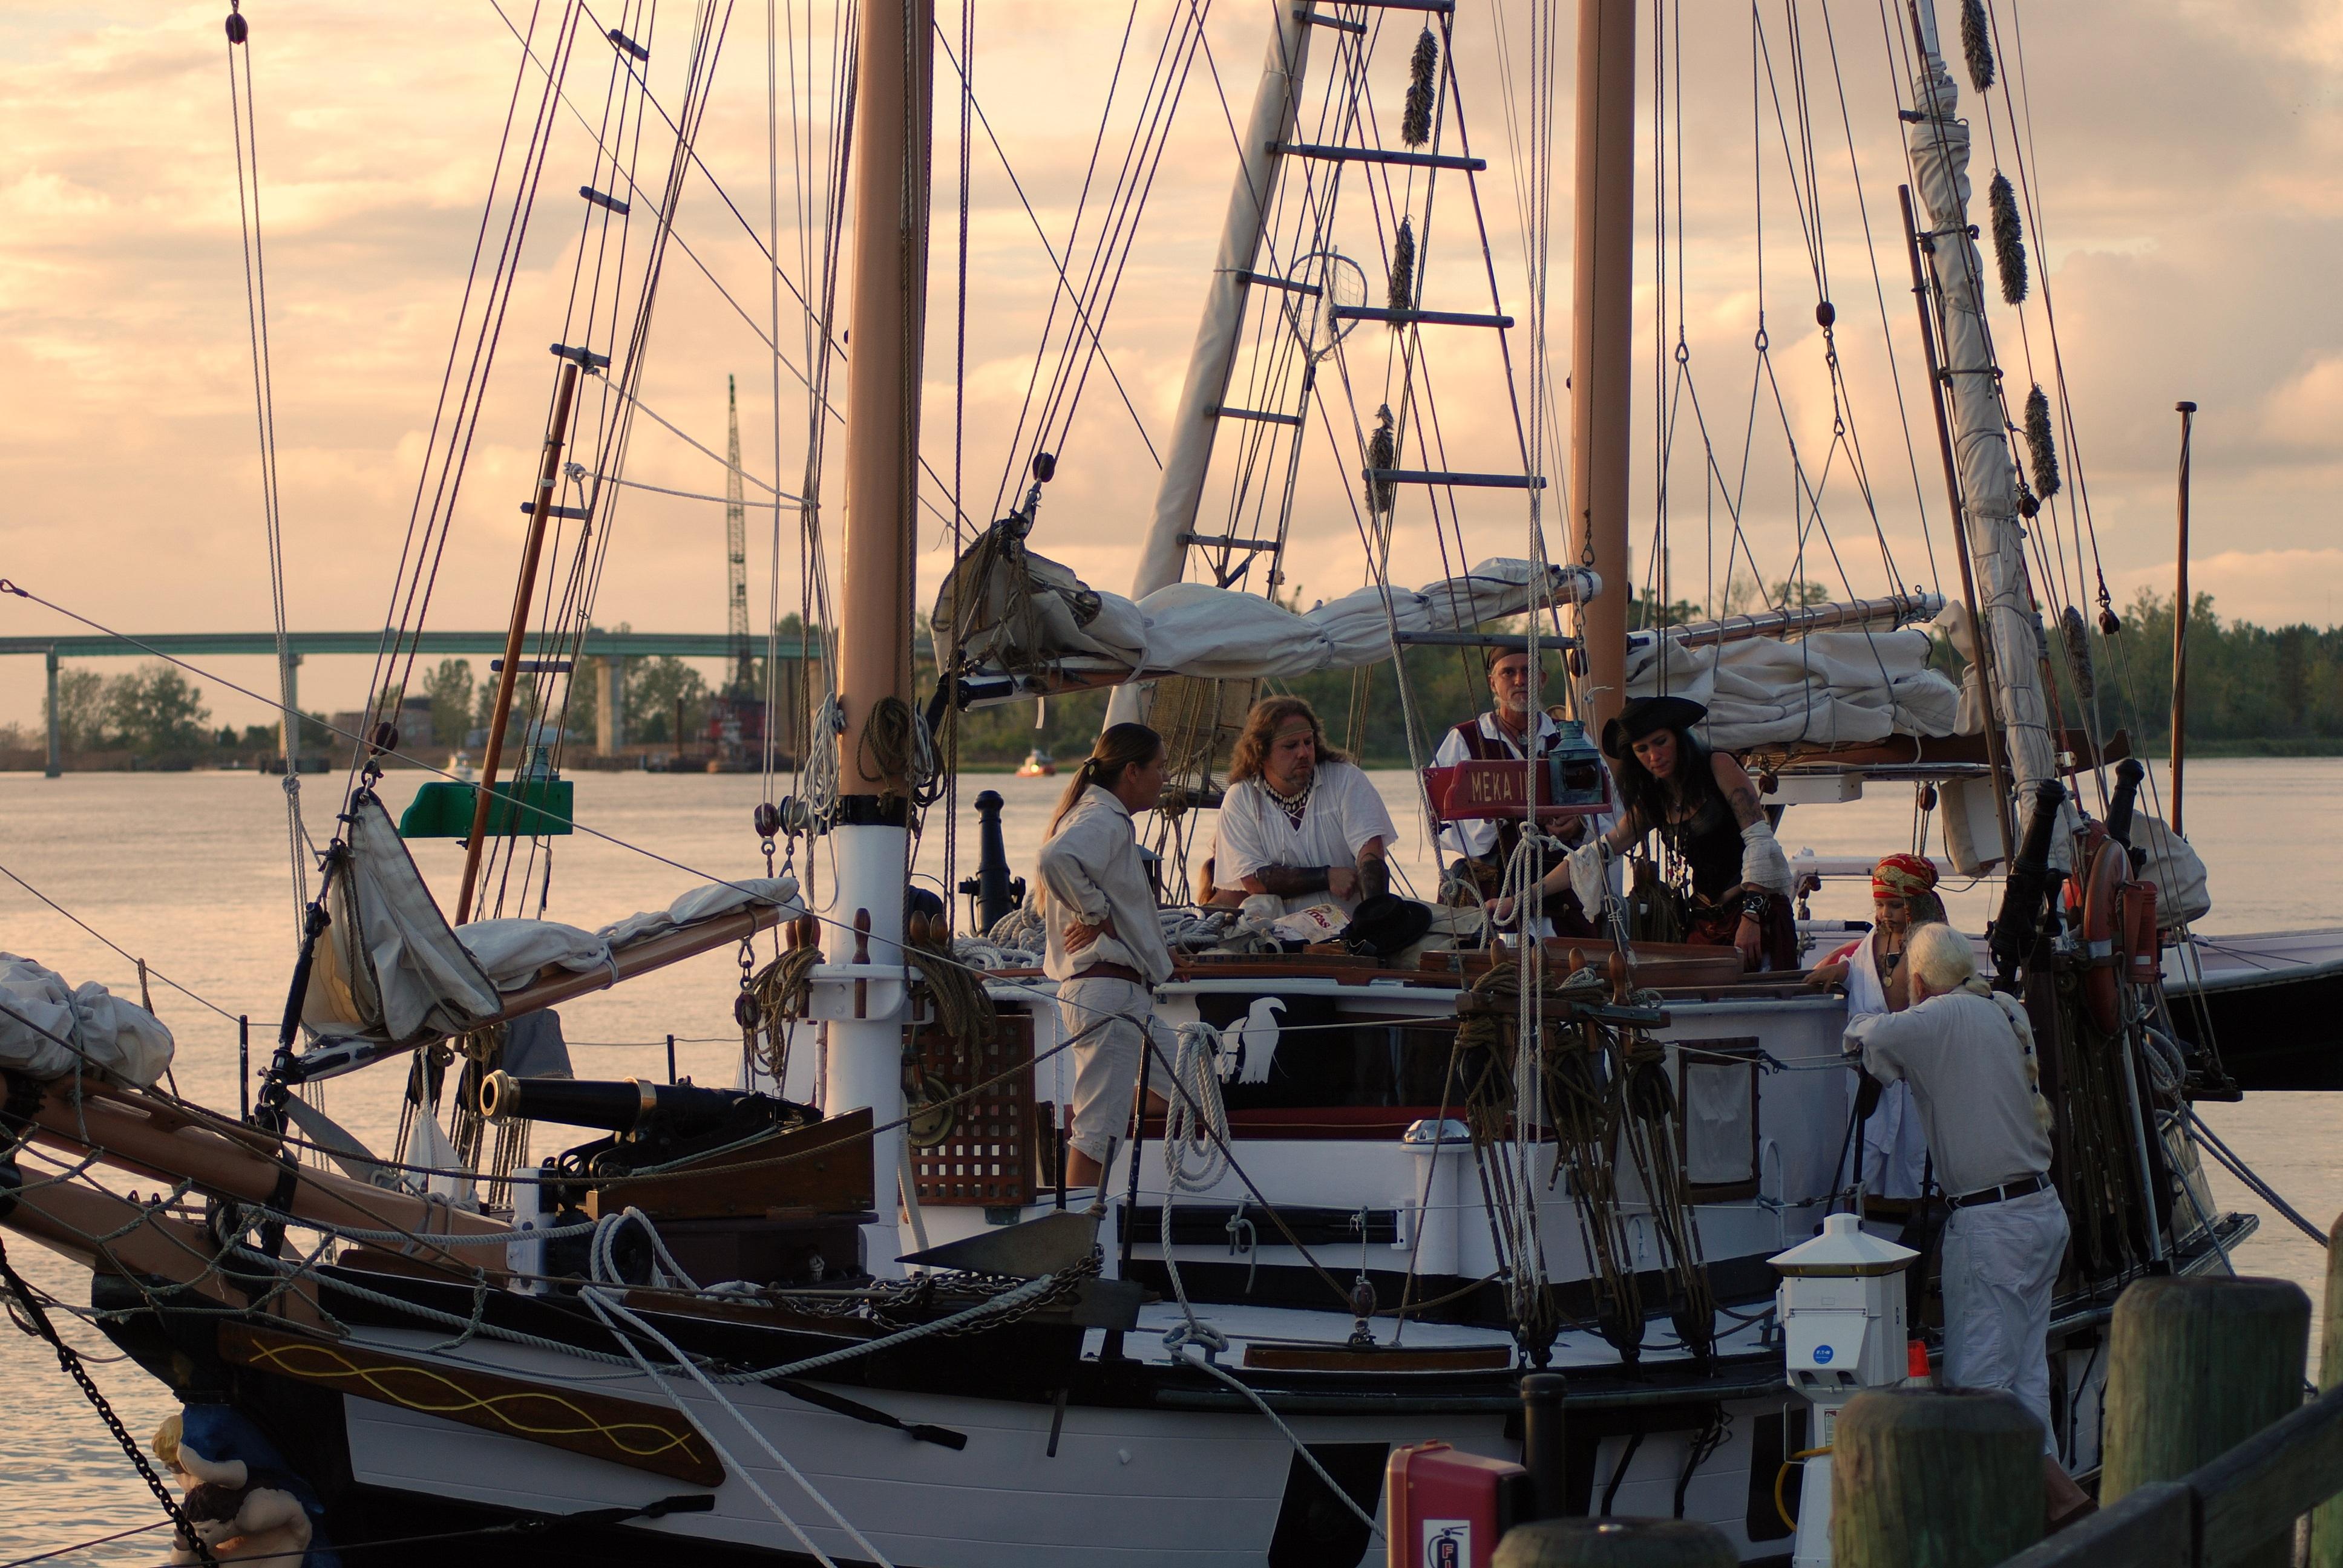 Free Images : dock, boat, dusk, twilight, vehicle, mast, yacht